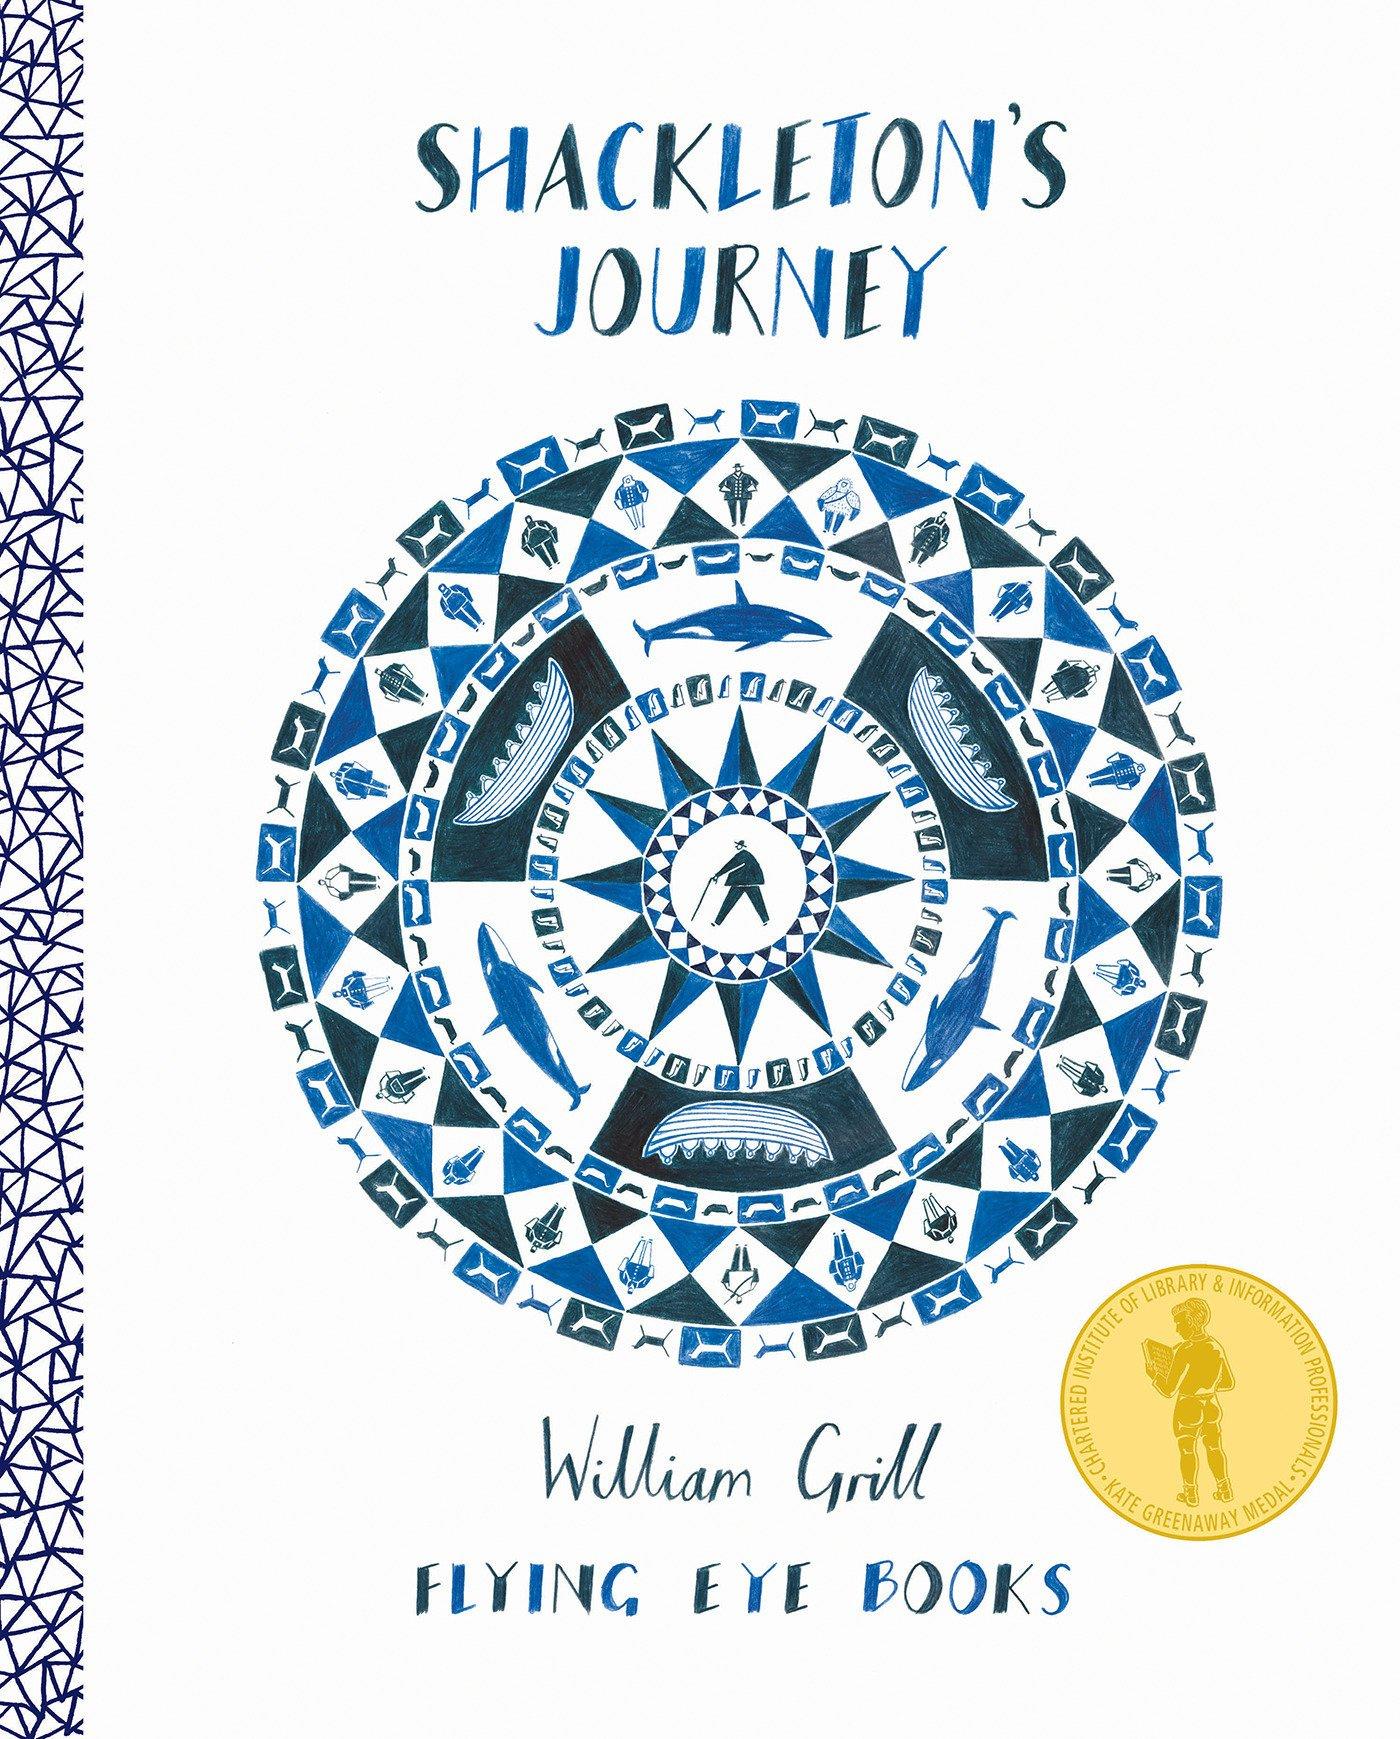 Shackleton's Journey: 1 : William Grill: Amazon.co.uk: Books